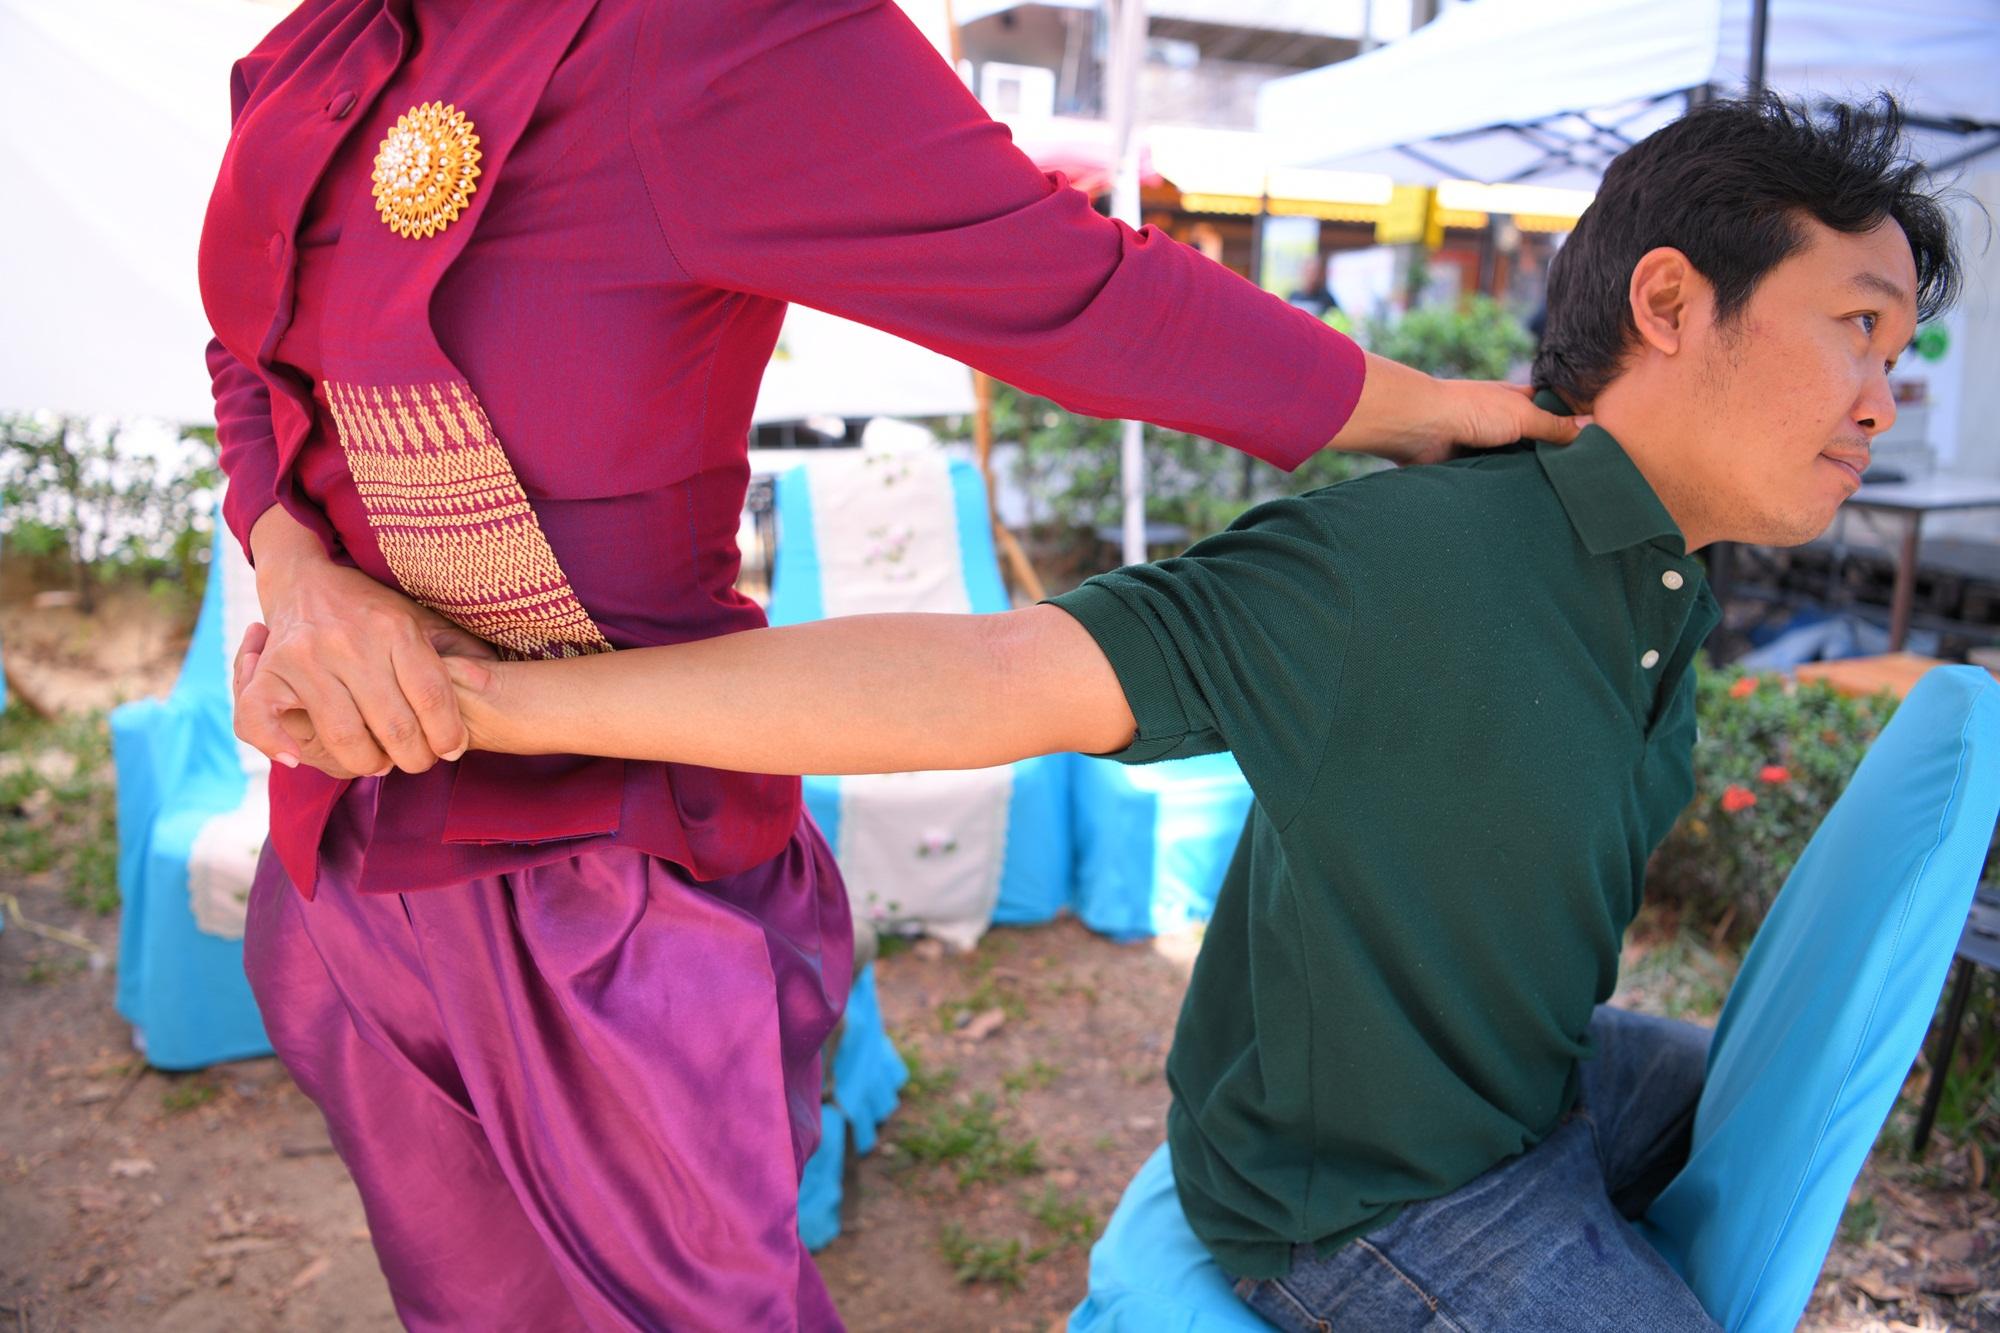 เปิดพื้นที่ เปิดใจ สร้างสังคมแห่งการให้...แบบไร้ข้อจำกัด thaihealth